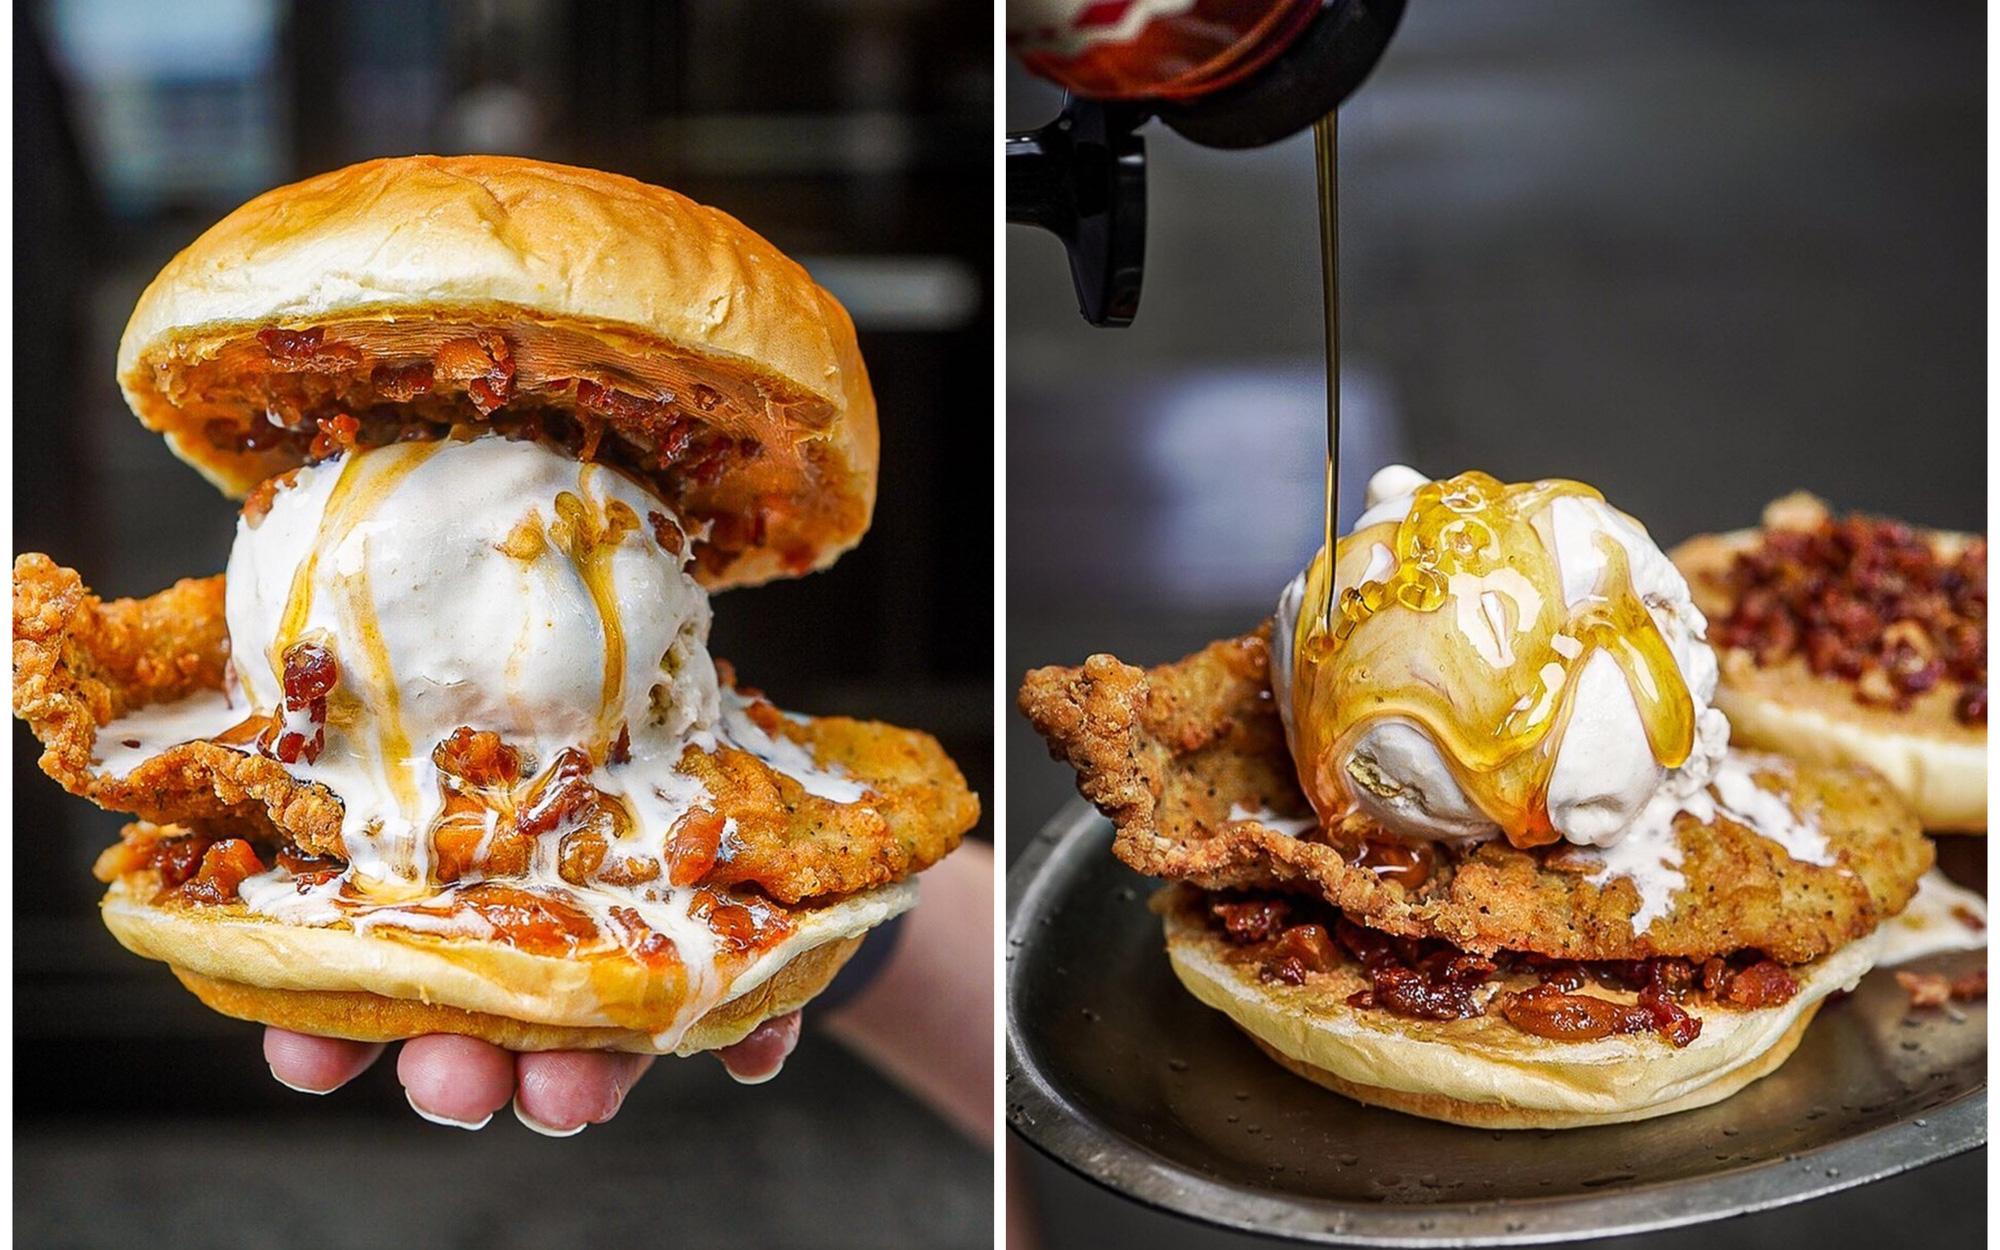 Burger kẹp kem cực lạ: Sự kết hợp mặn ngọt lẫn lộn chẳng giống ai mà cũng chẳng mấy ai dám thử